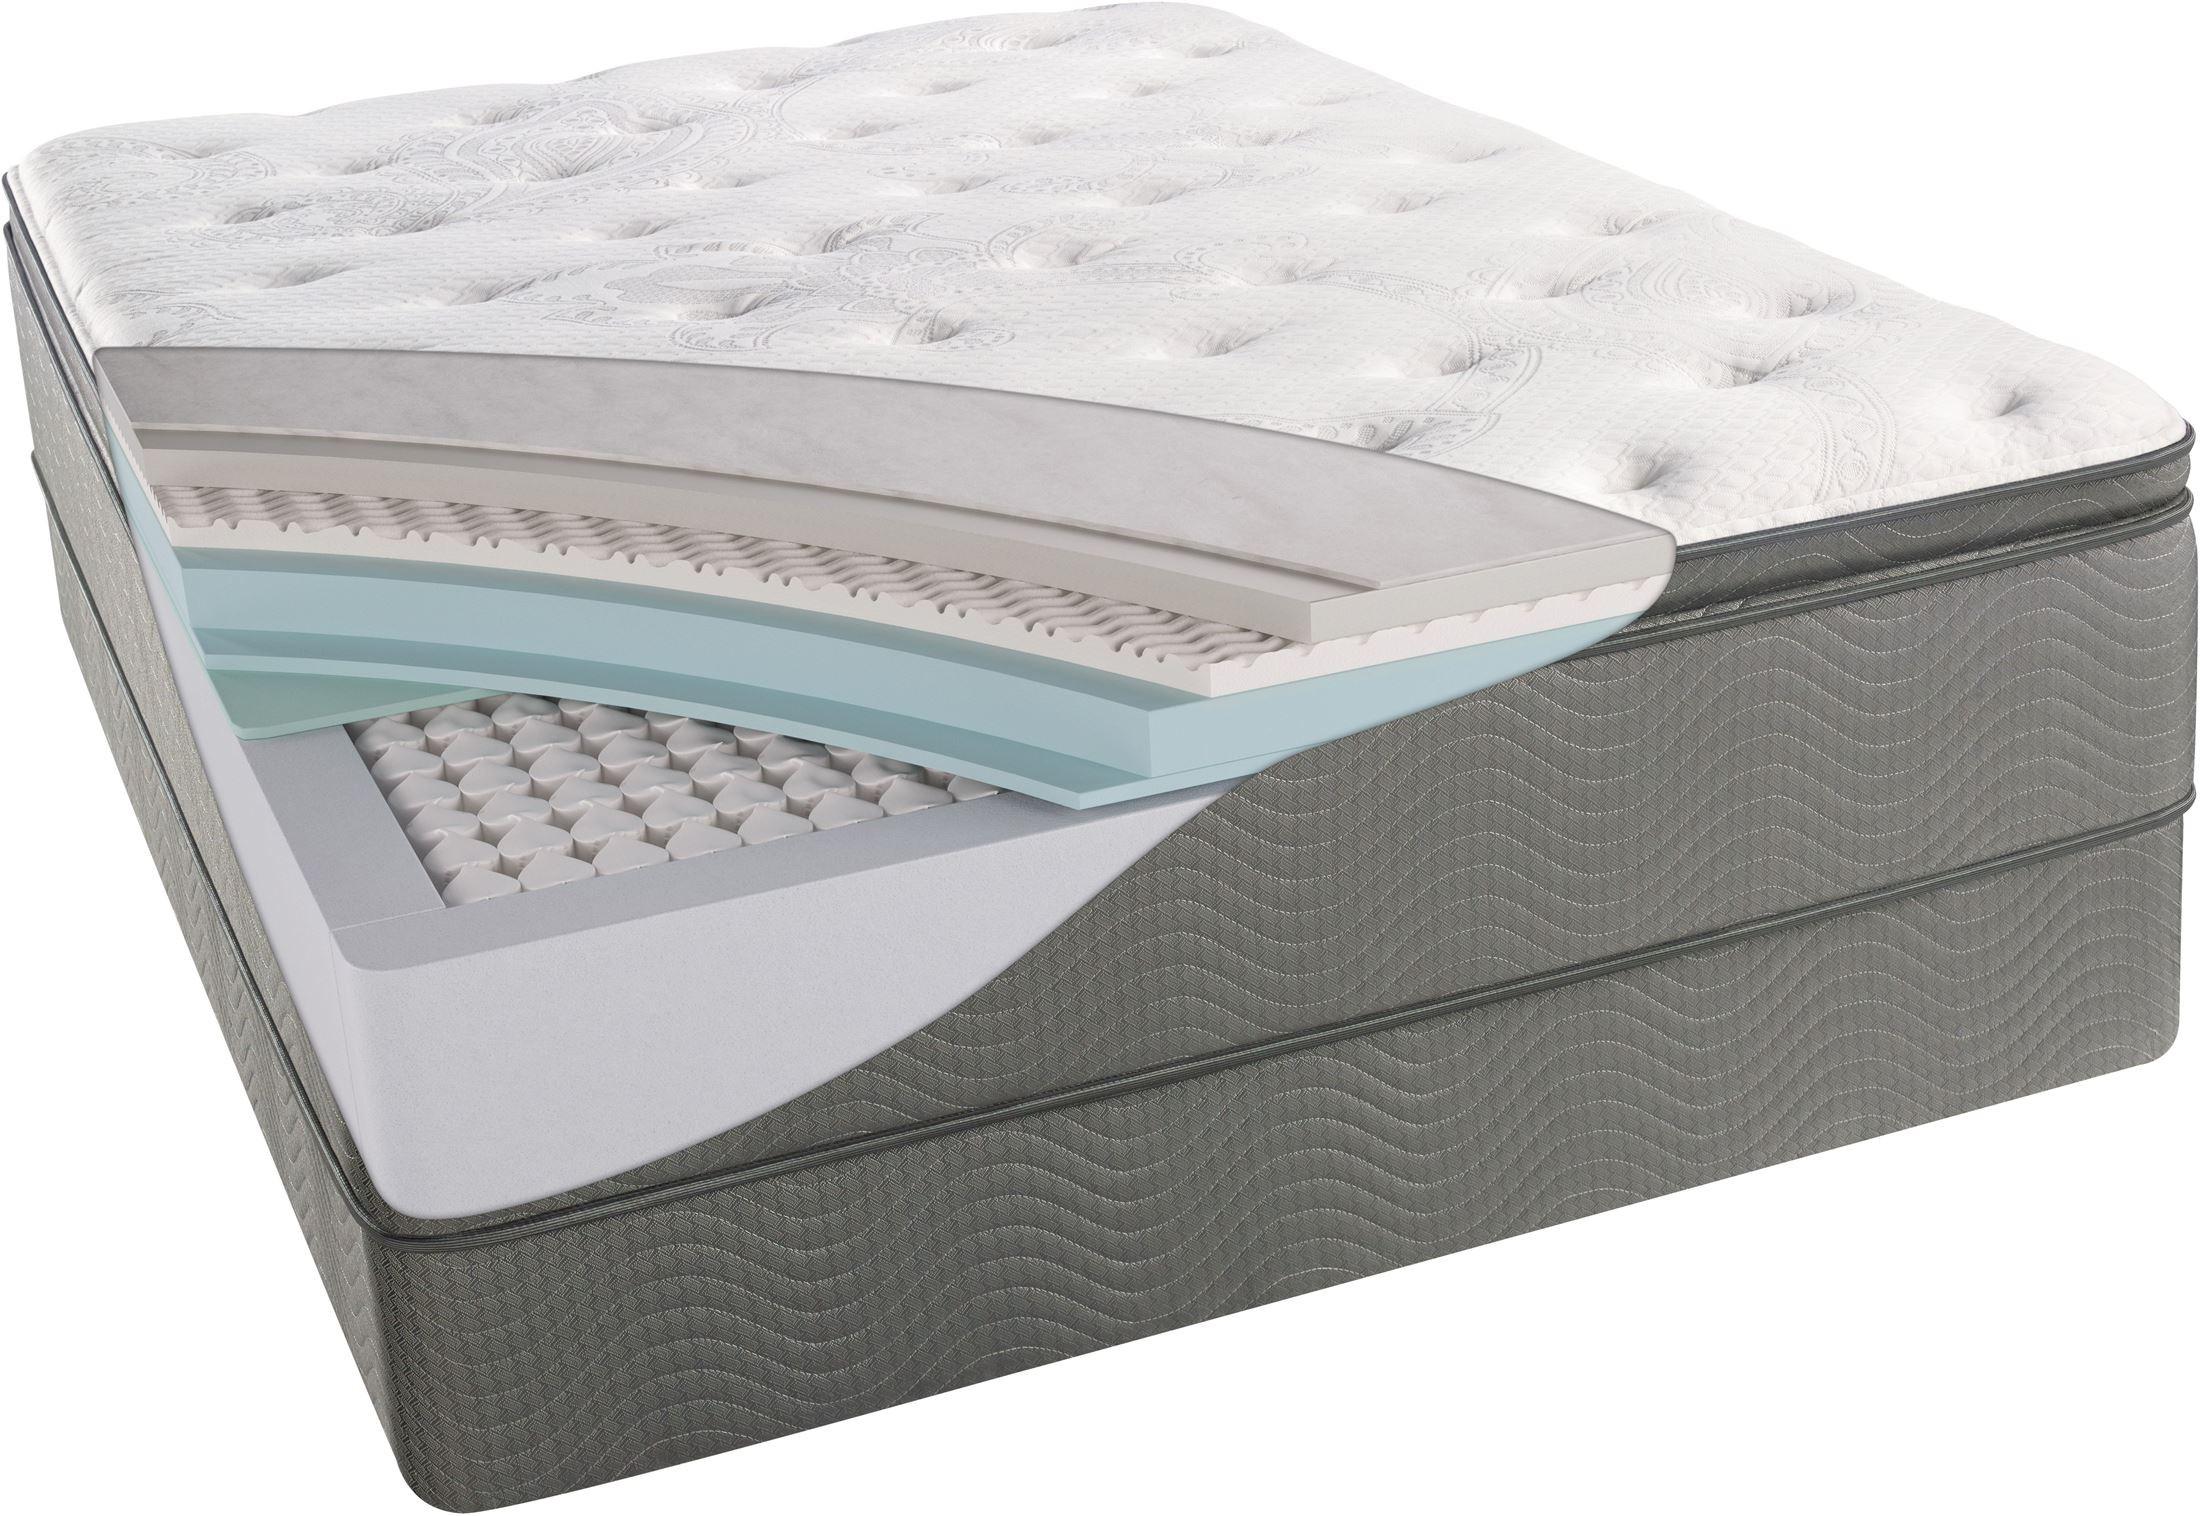 Beautysleep Allegra Pillow Top Plush Cal King Size Mattress With Foundation 700752697 1070